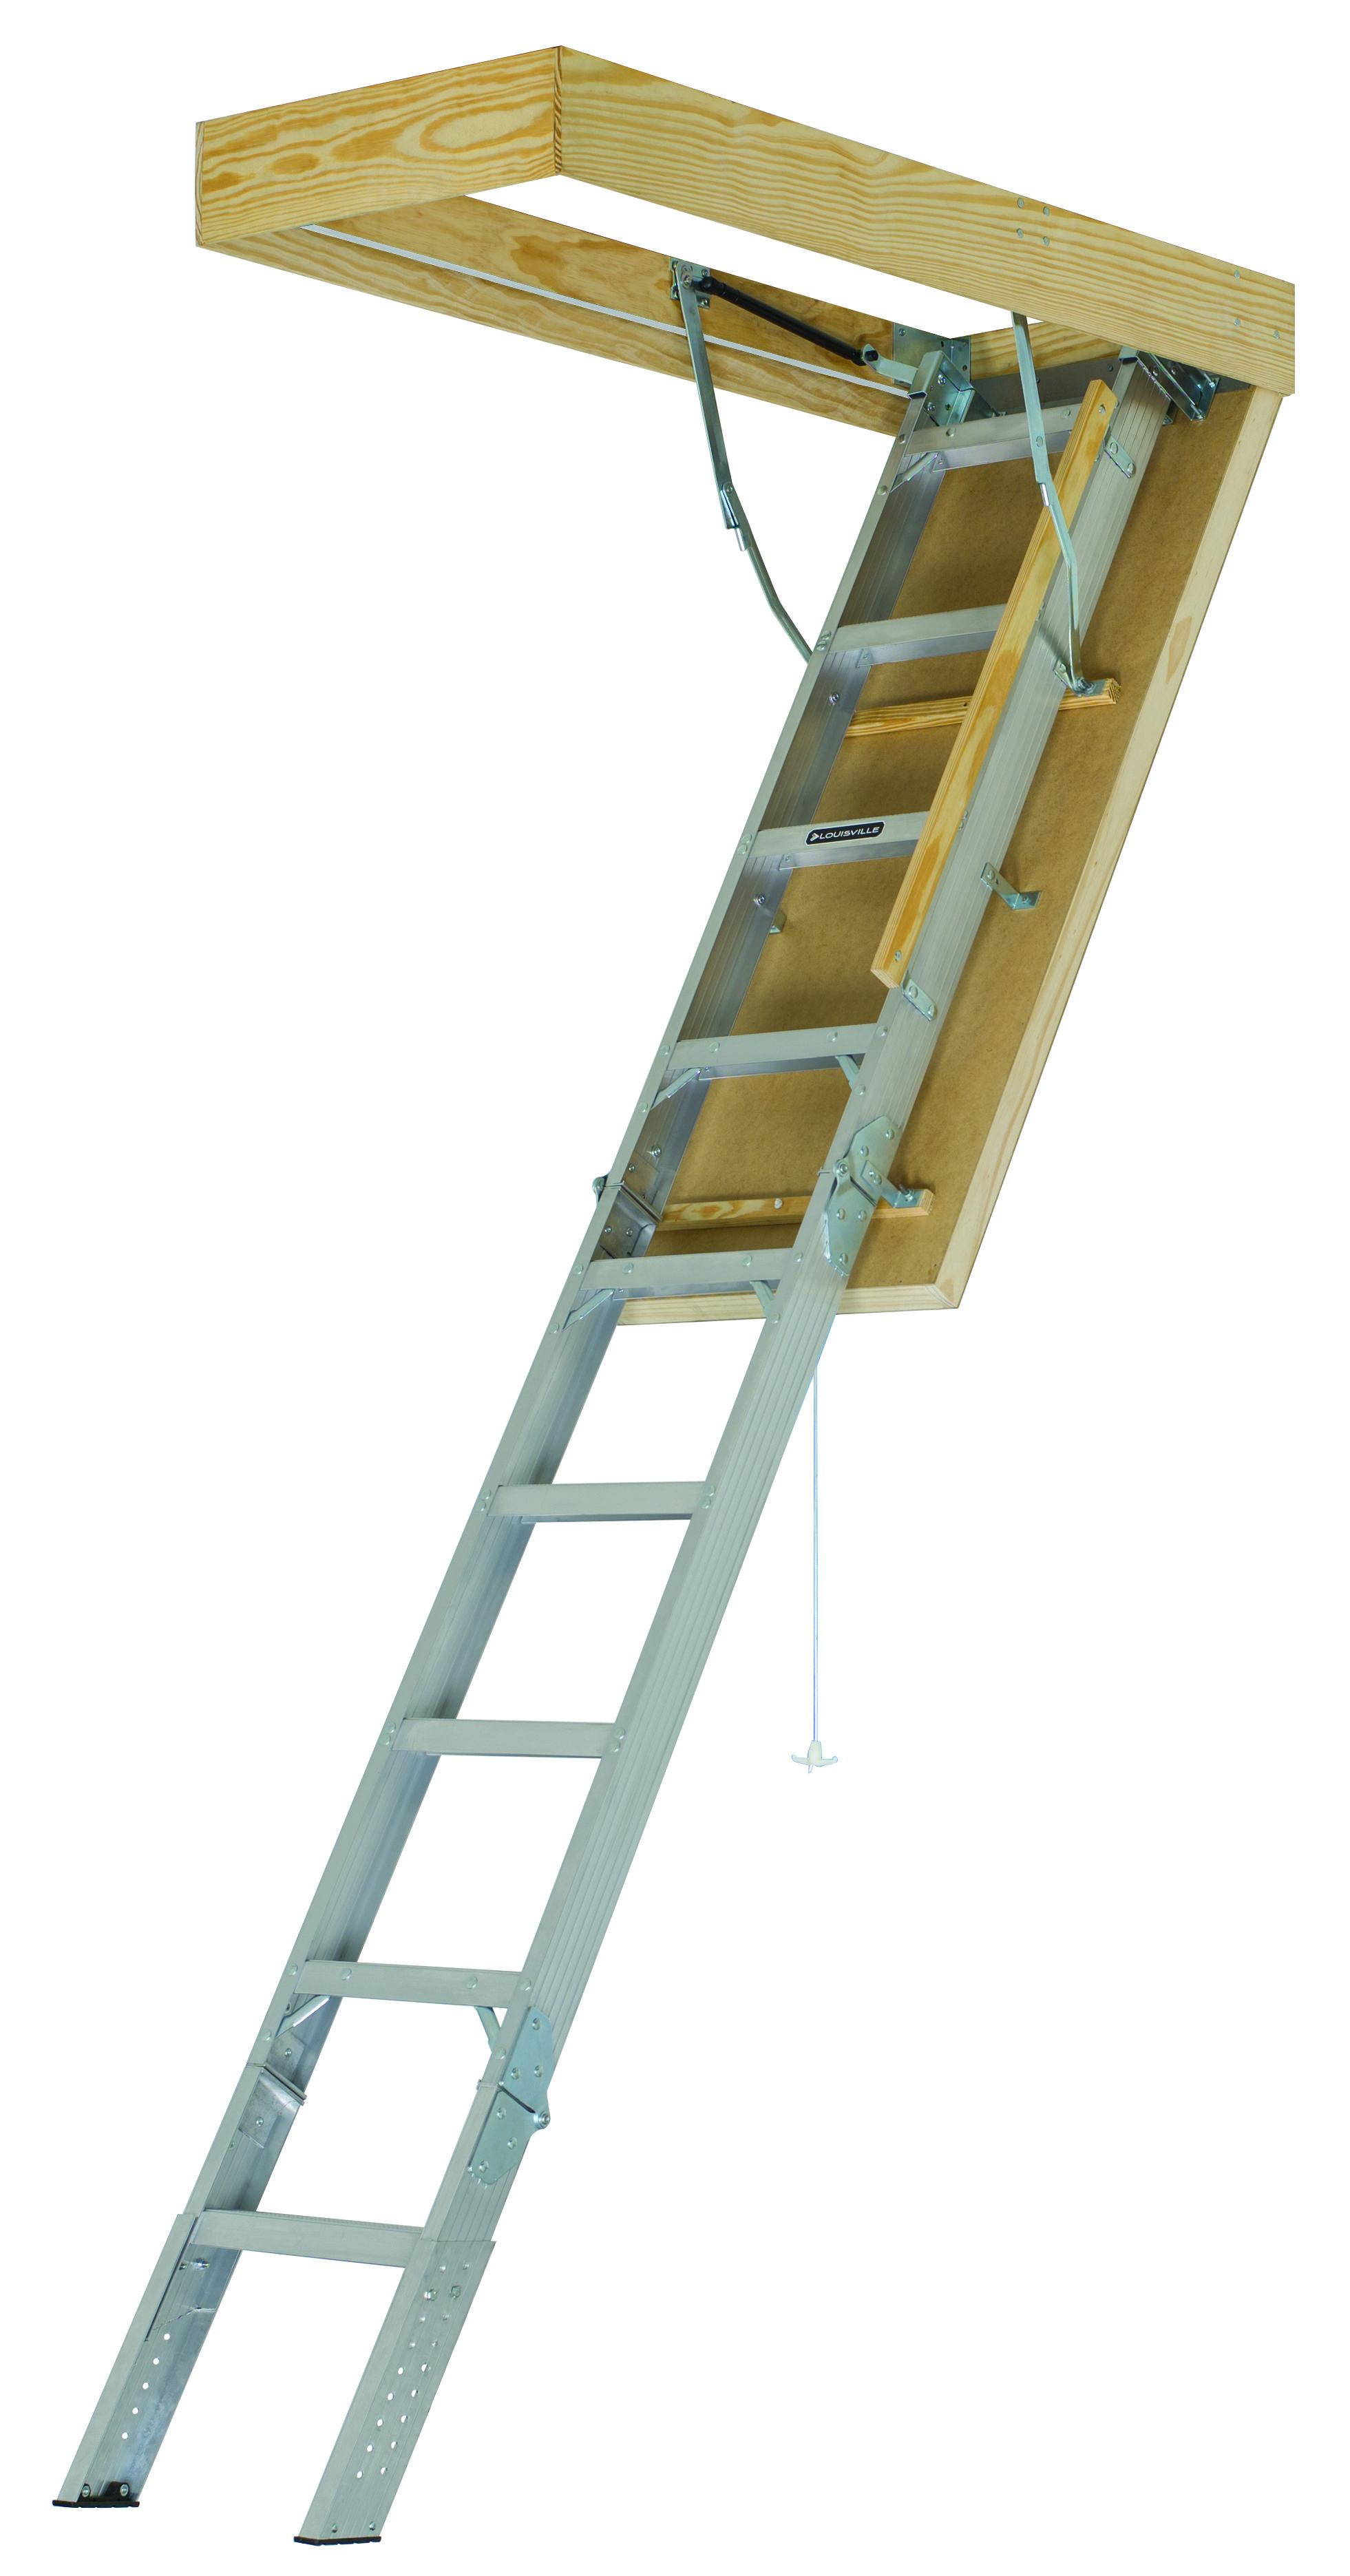 Home Improvement With Images Attic Ladder Attic Flooring Attic Storage